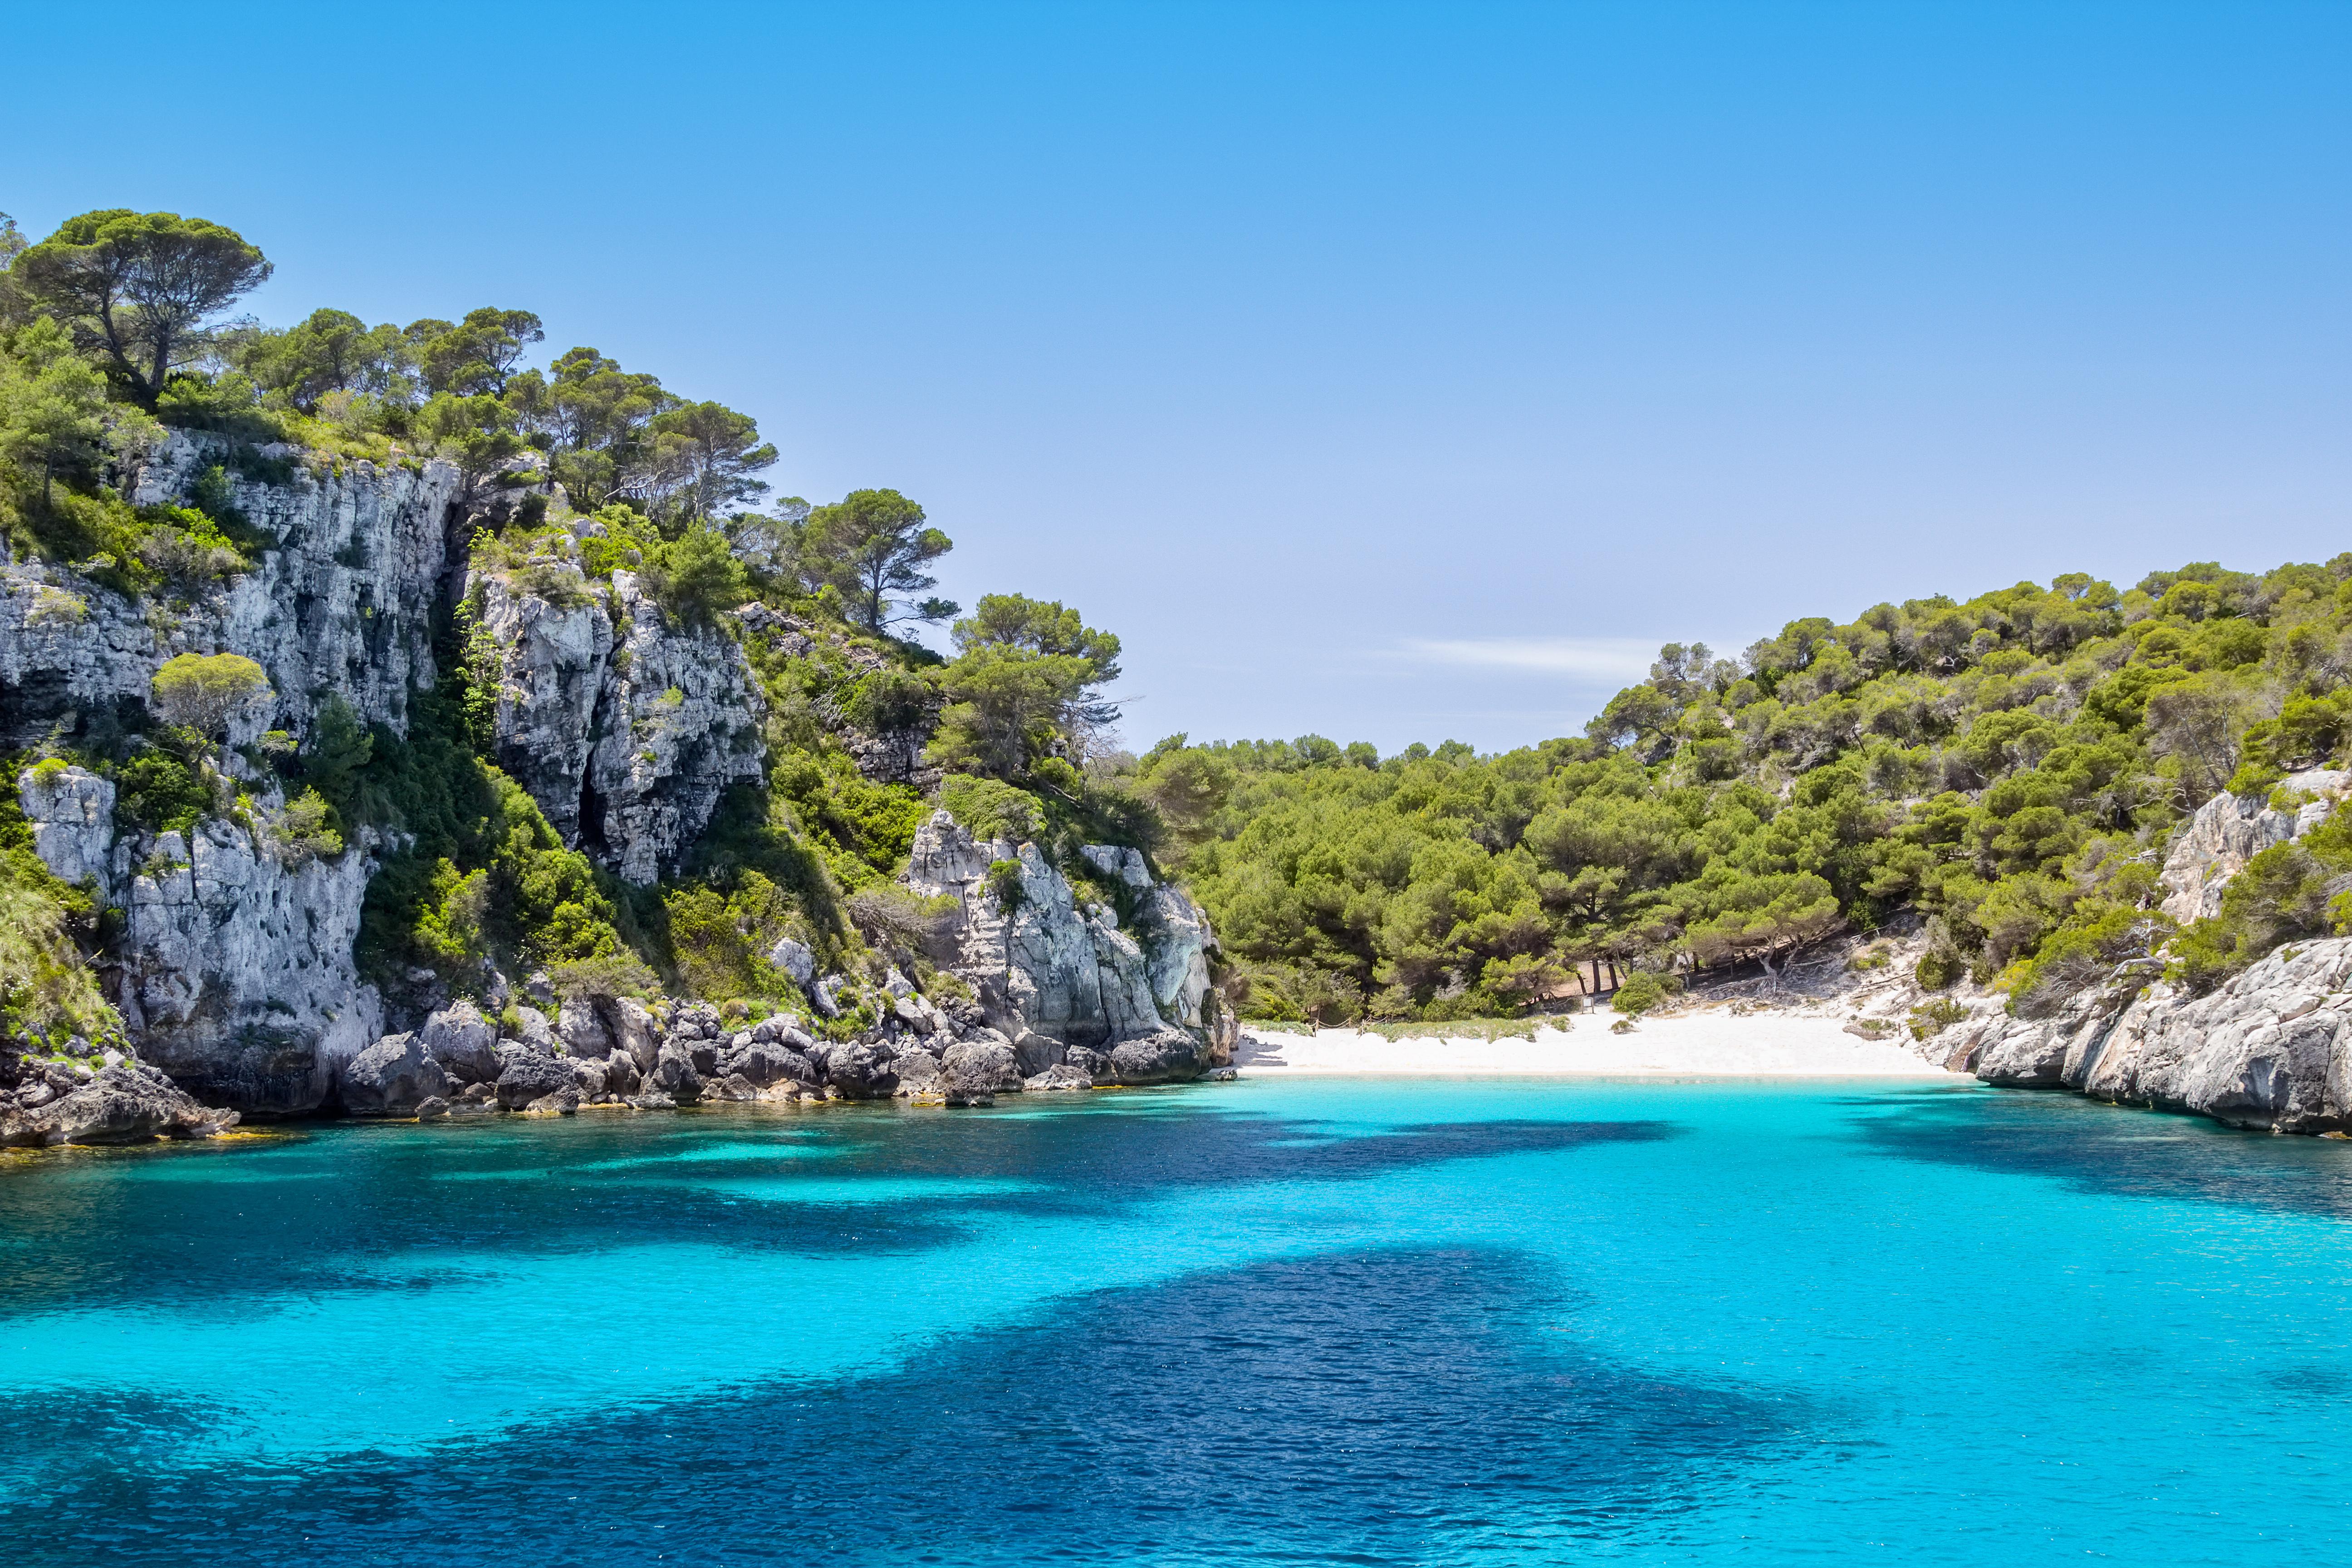 Una cala íntima y paradisiaca. Foto: Shutterstock.